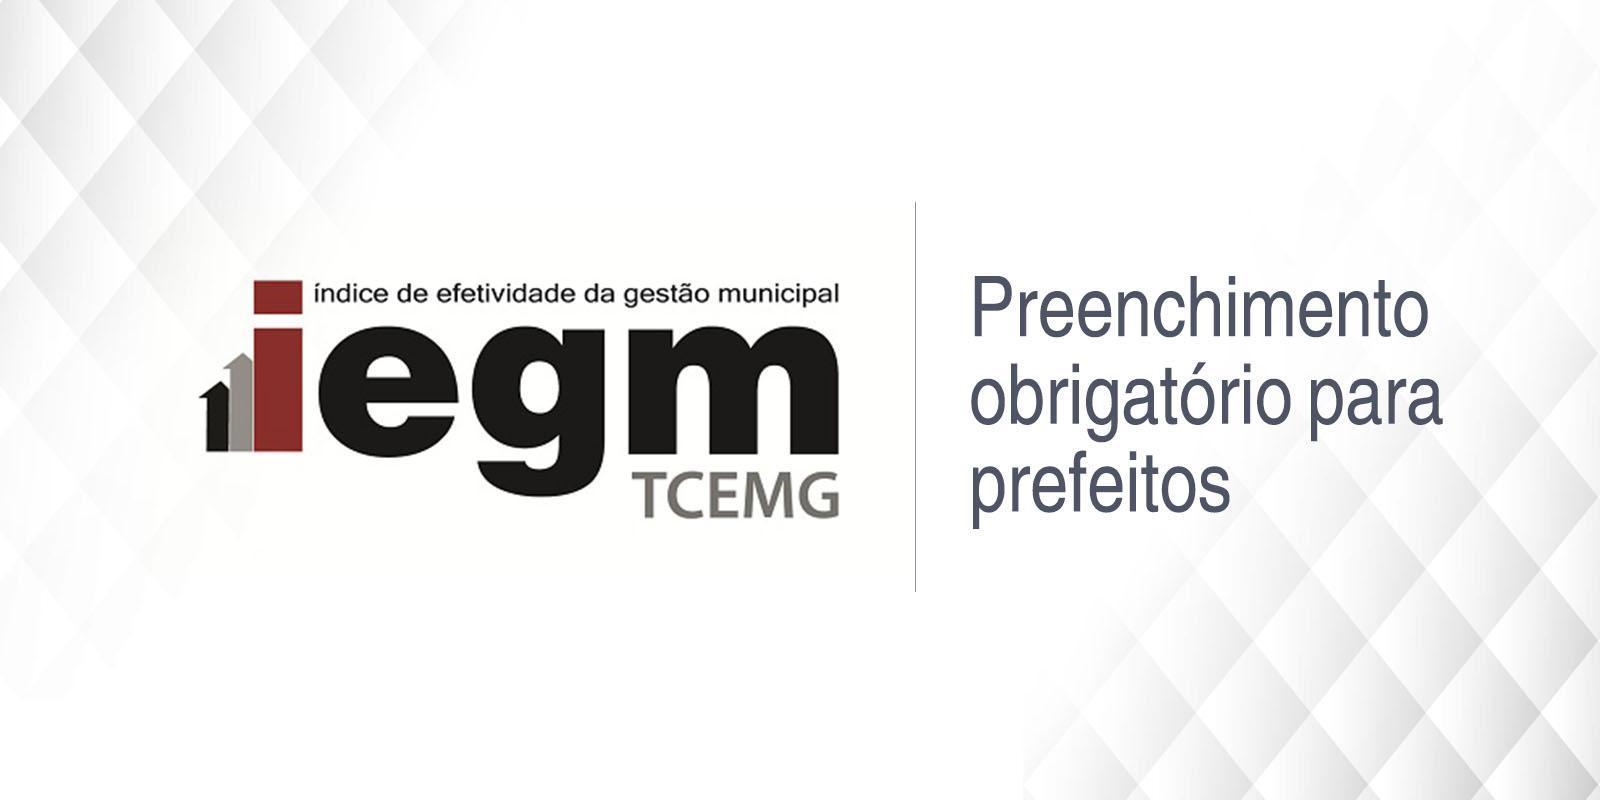 Prefeitos: iniciado o prazo para responder ao questionário obrigatório do IEGM 2017